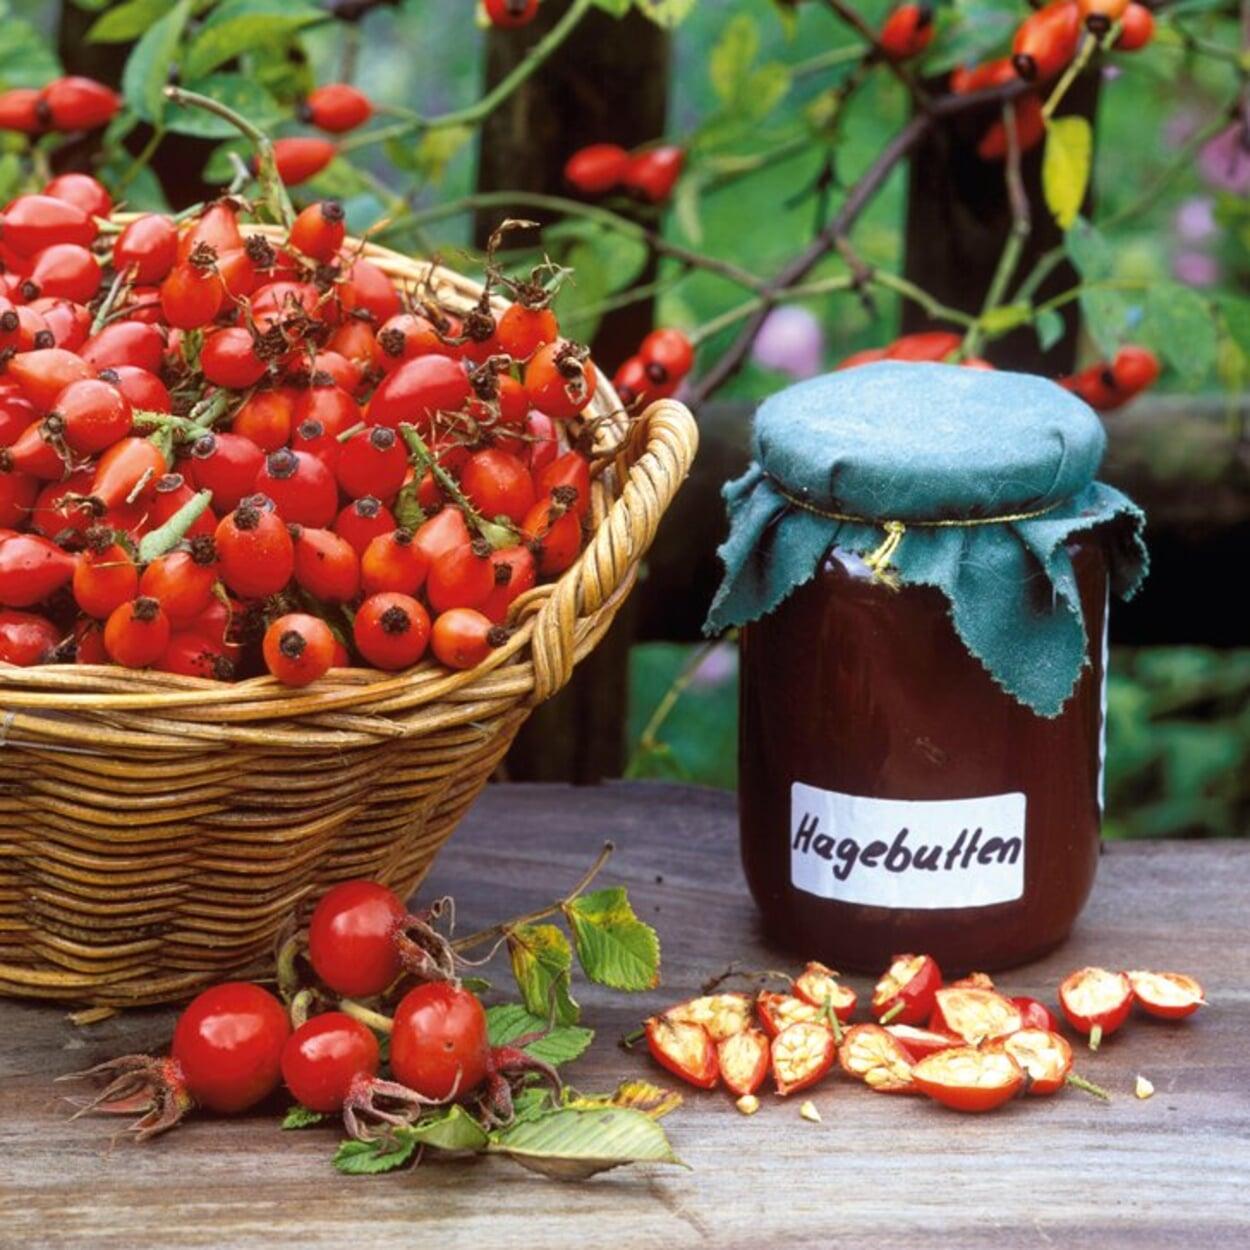 Aus frischen Hagebutten lässt sich zum Beispiel Marmelade herstellen